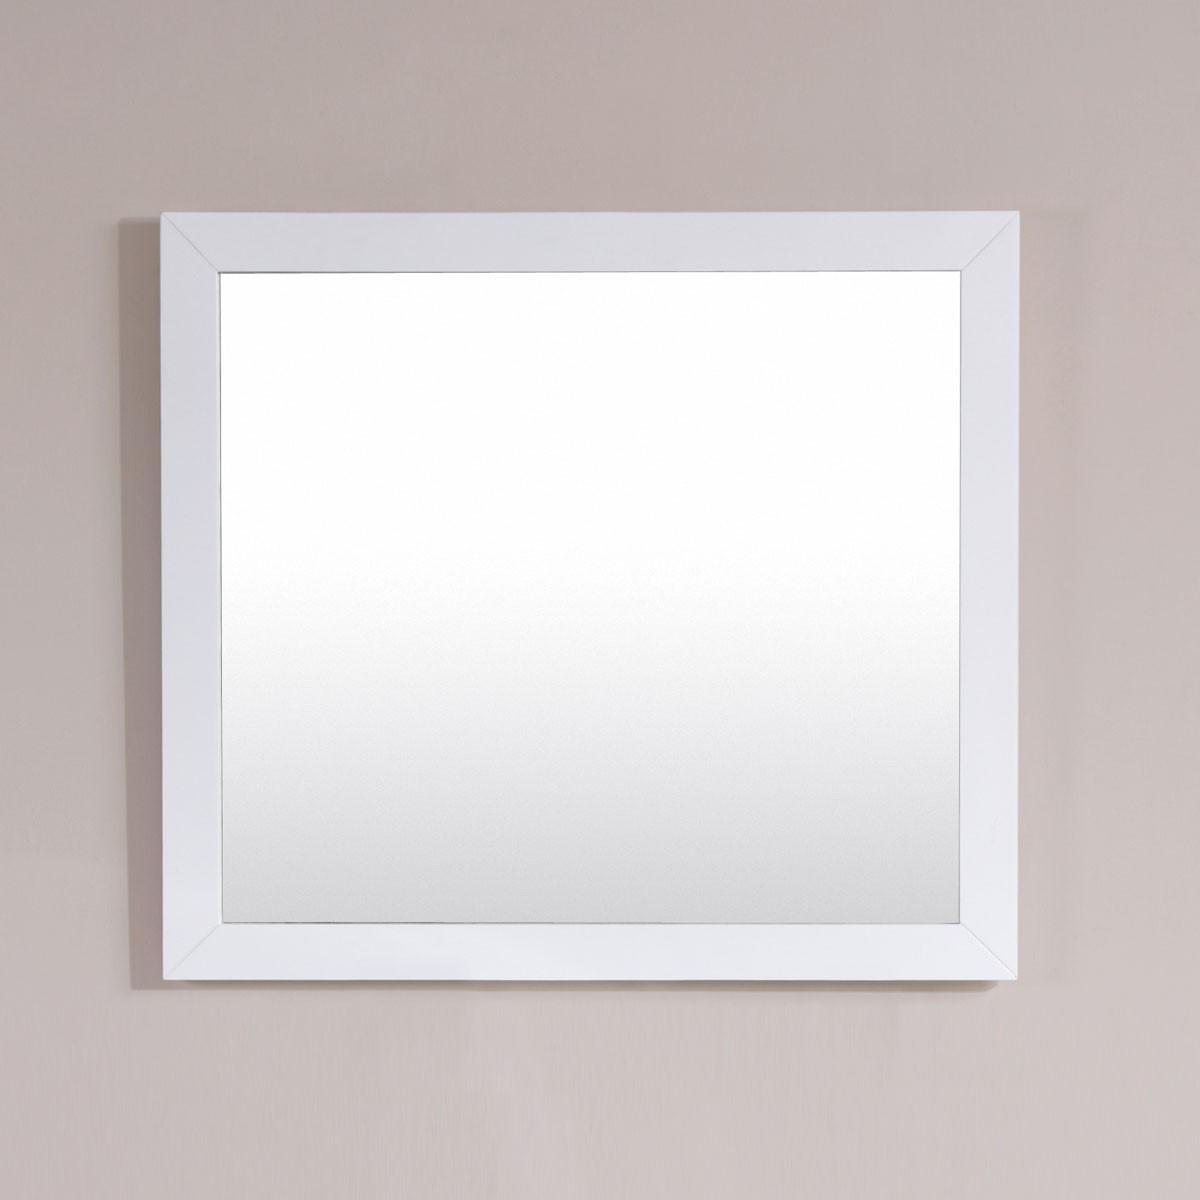 36 x 31 In. Mirror with White Frame (DK-T9312-36WM)